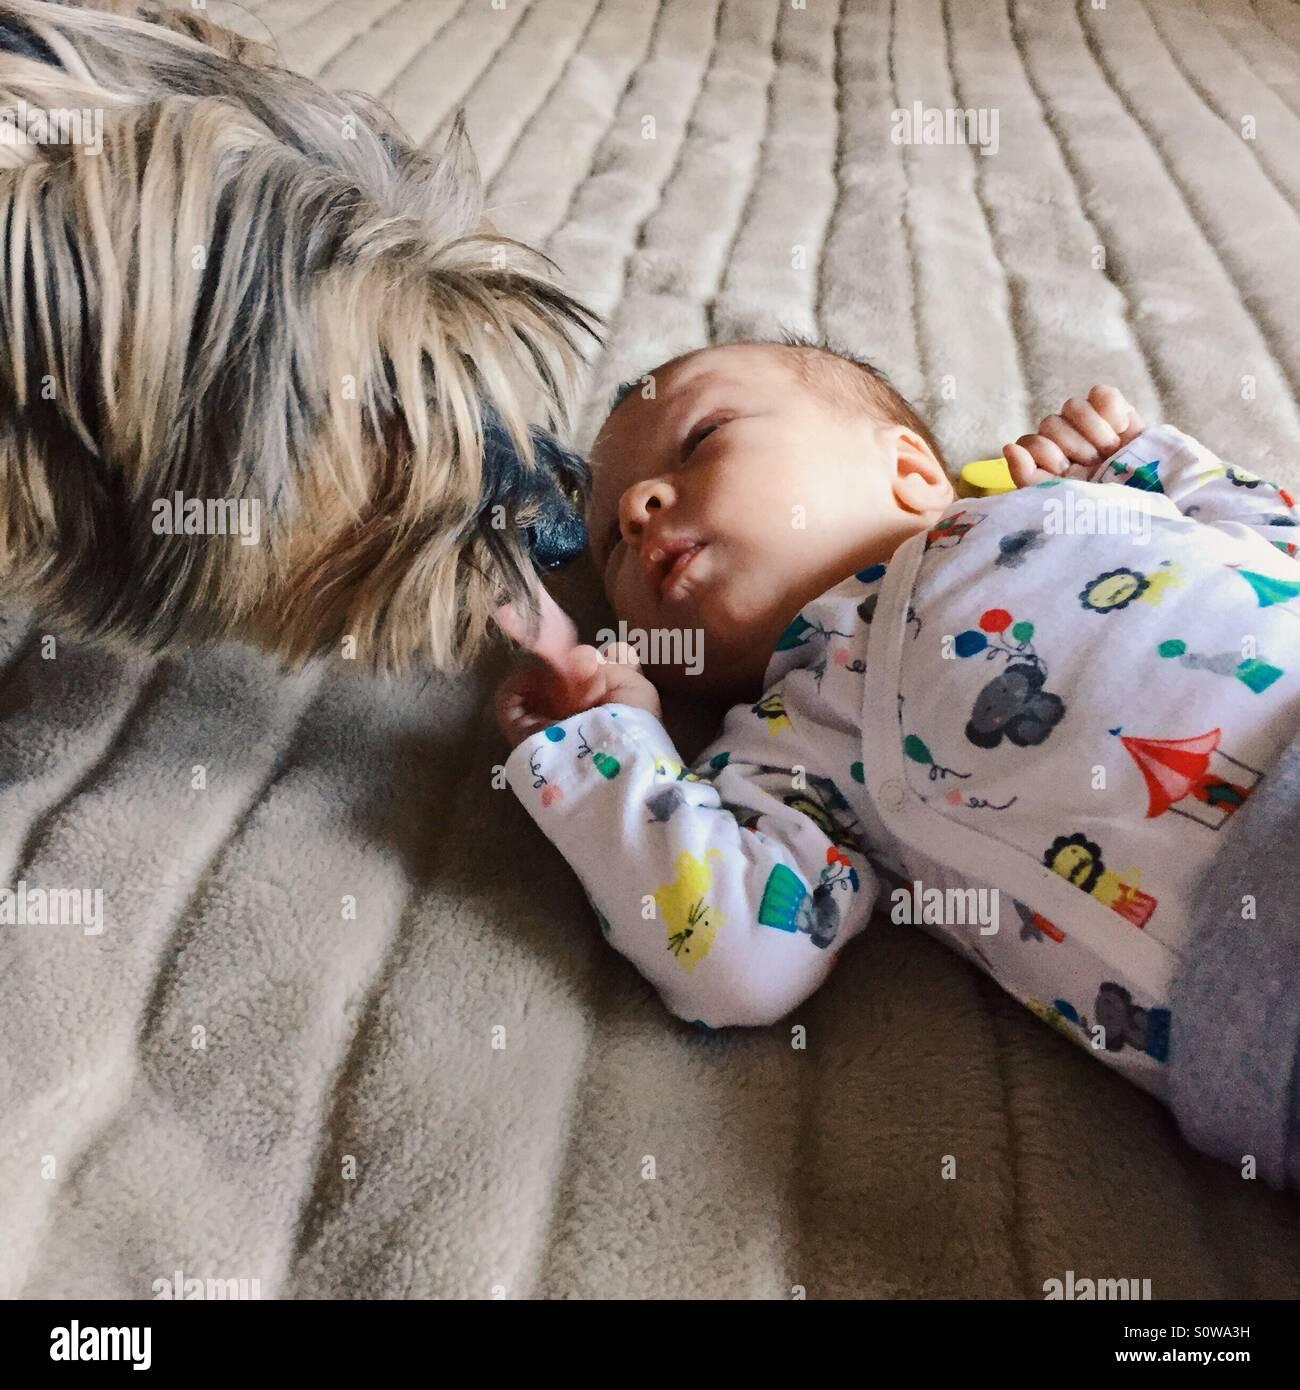 Famiglia pet incontra il neonato Immagini Stock